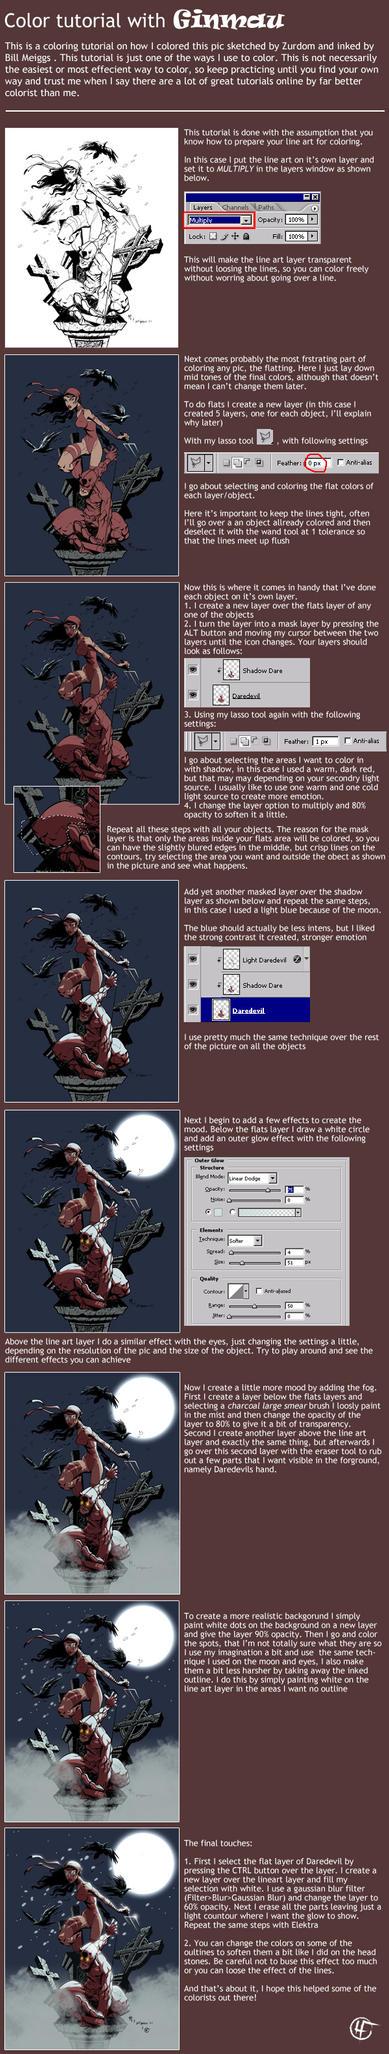 Comic Coloring Tutorial by ginmau